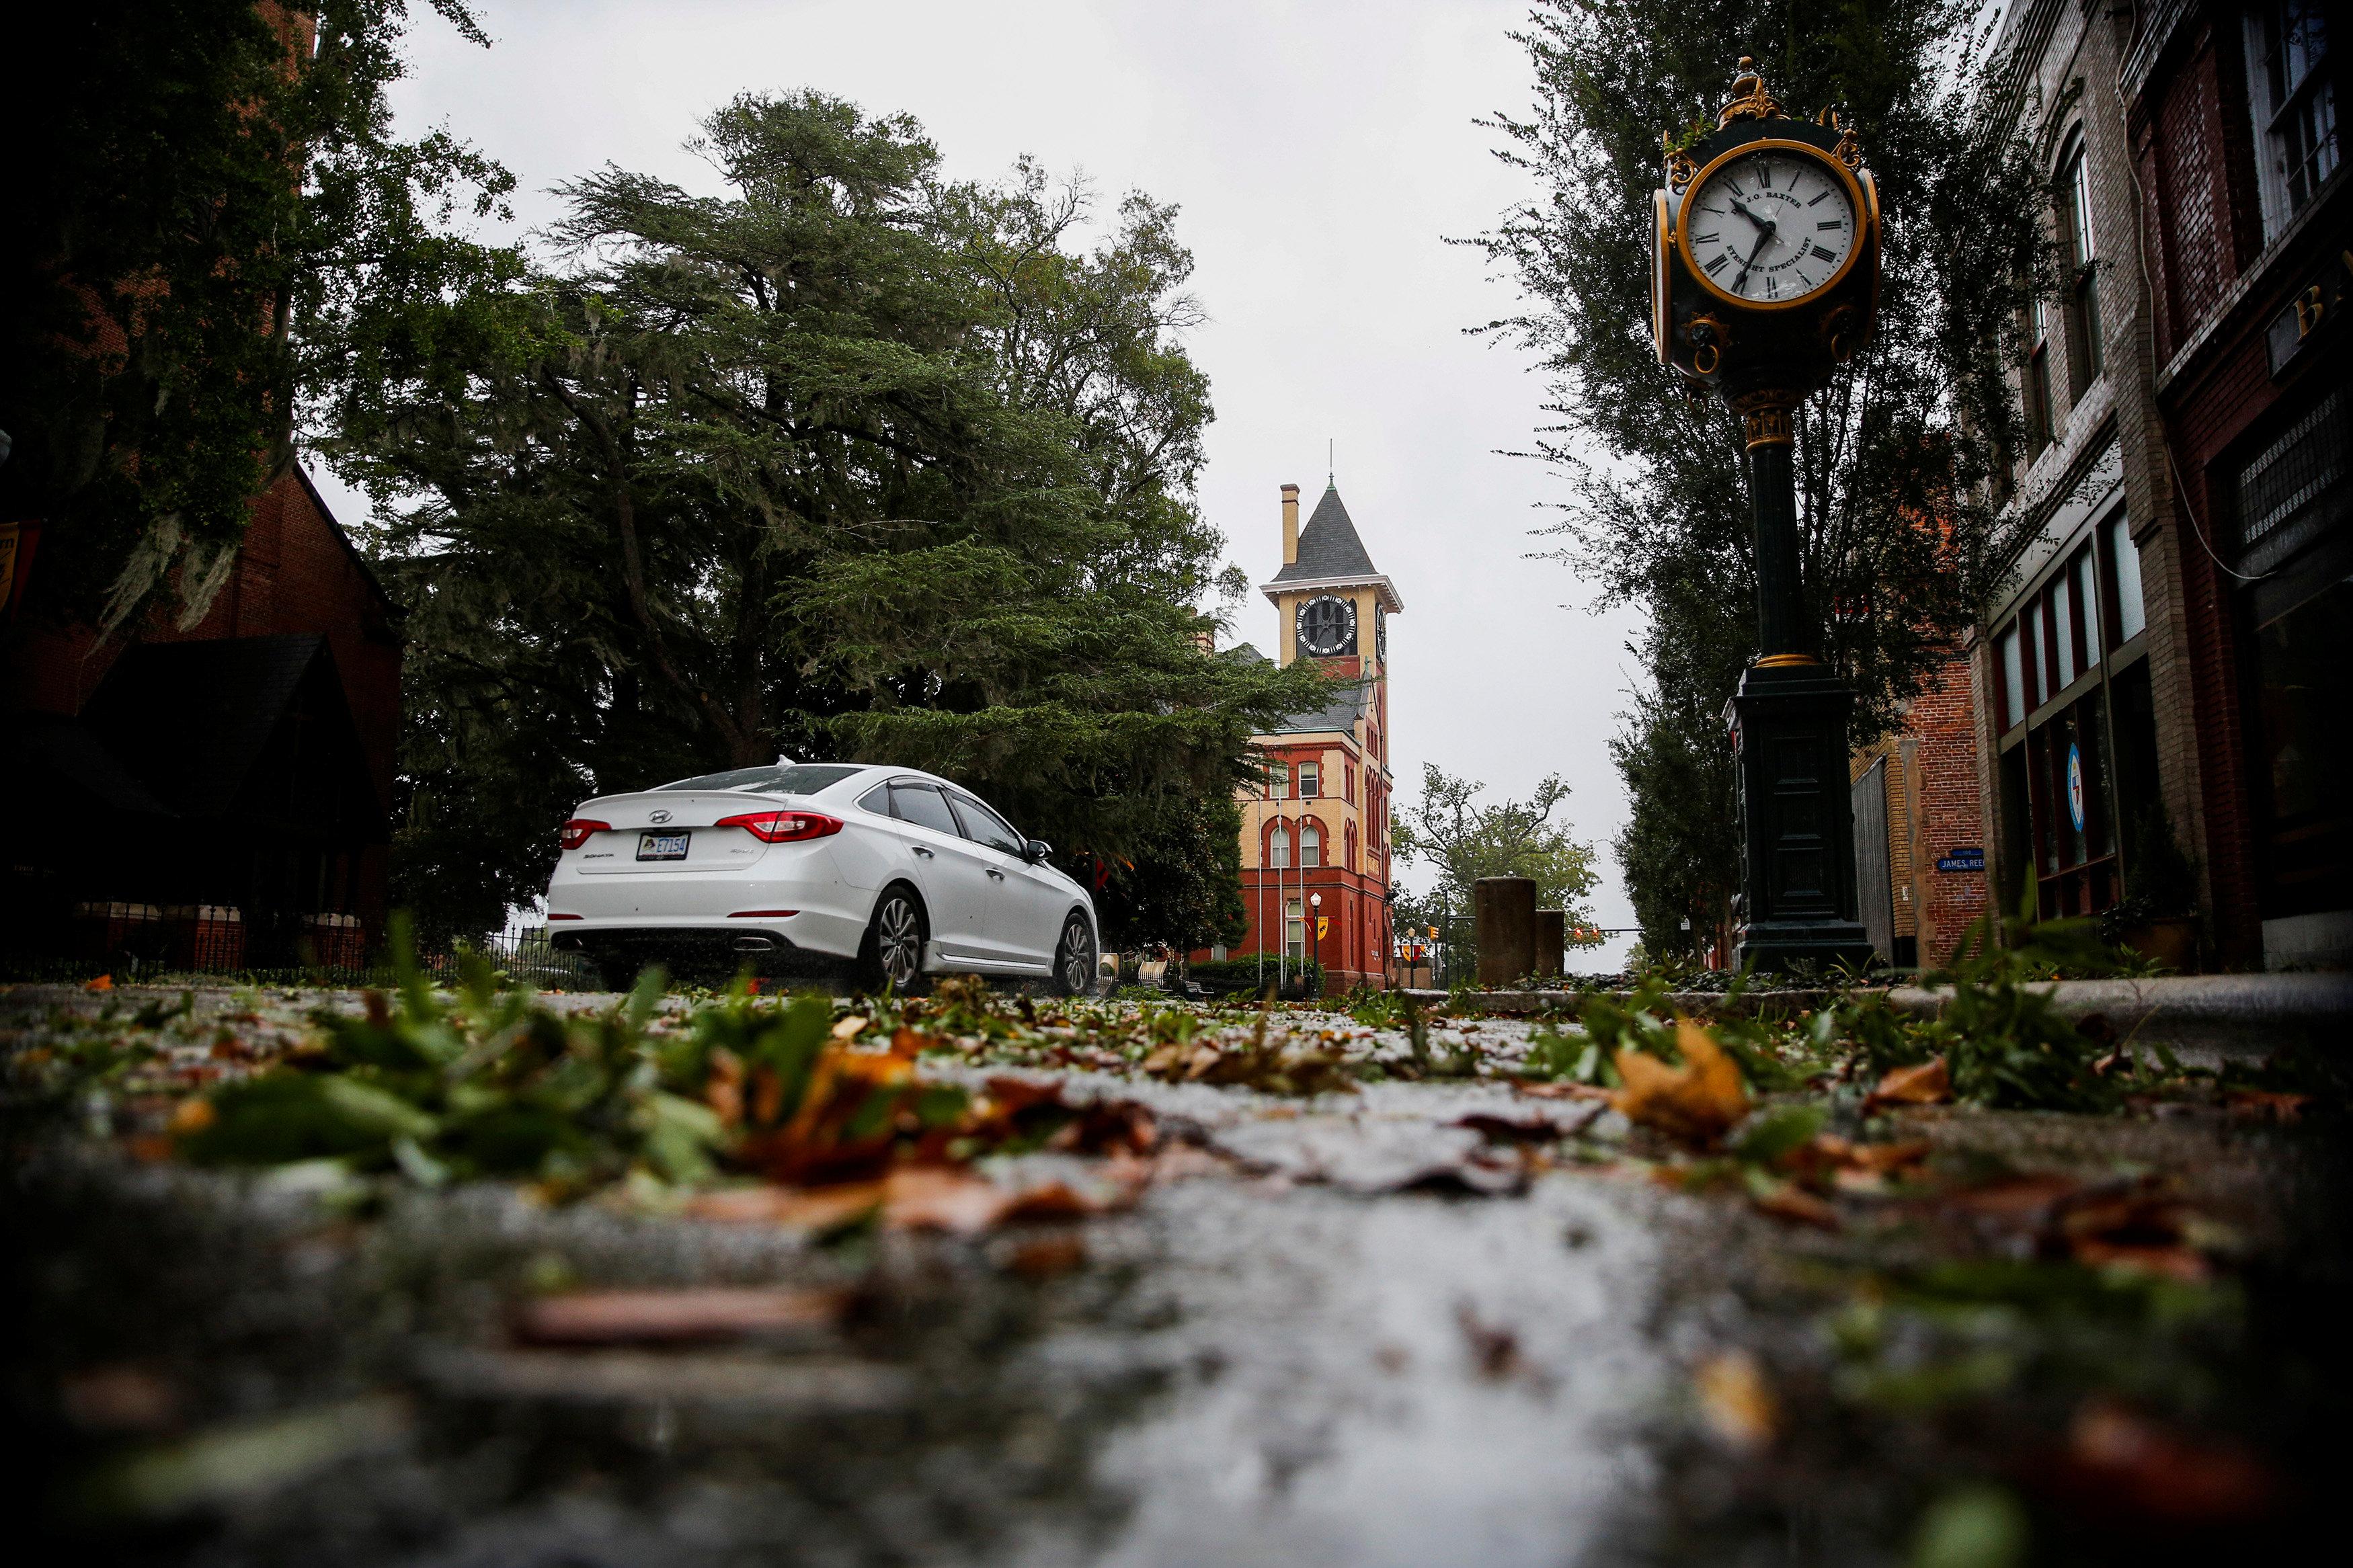 Estragos de la lluvia y el viento en las calles de New Bern, Carolina del Norte, antes del impacto de Florence.